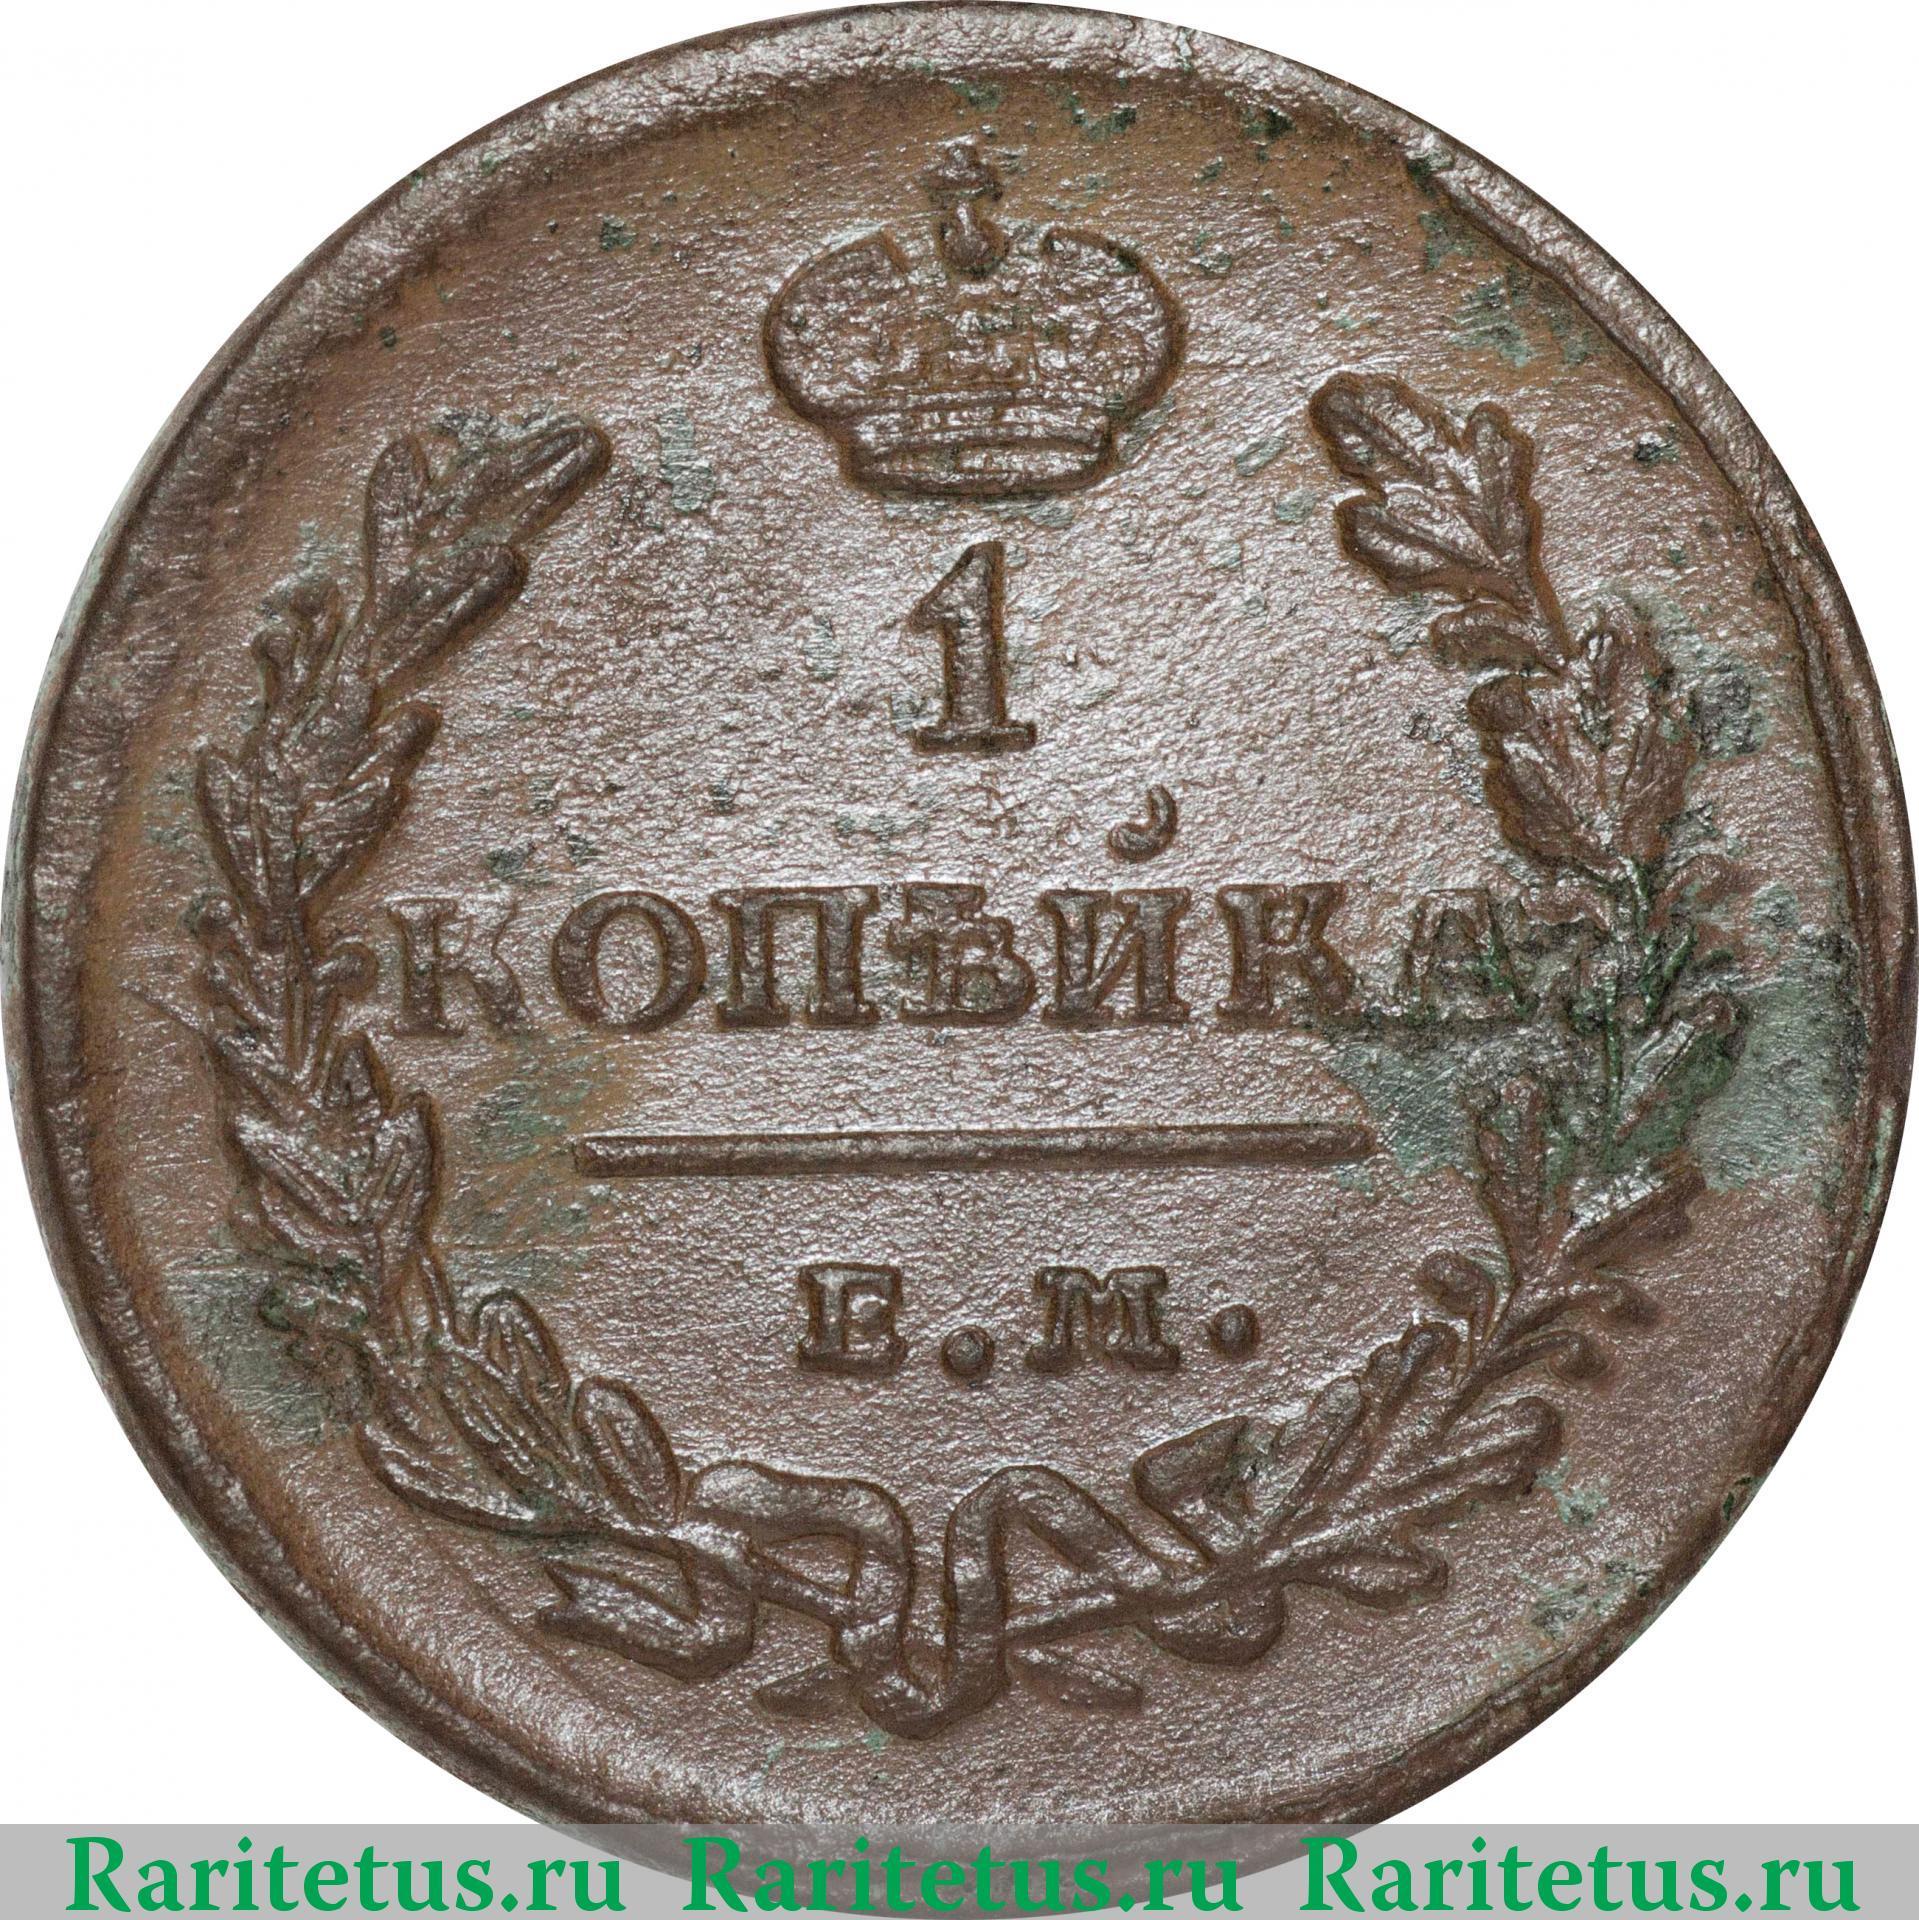 Стоимость монеты 1 копейка 1829 года цена беркут 5 купить в москве